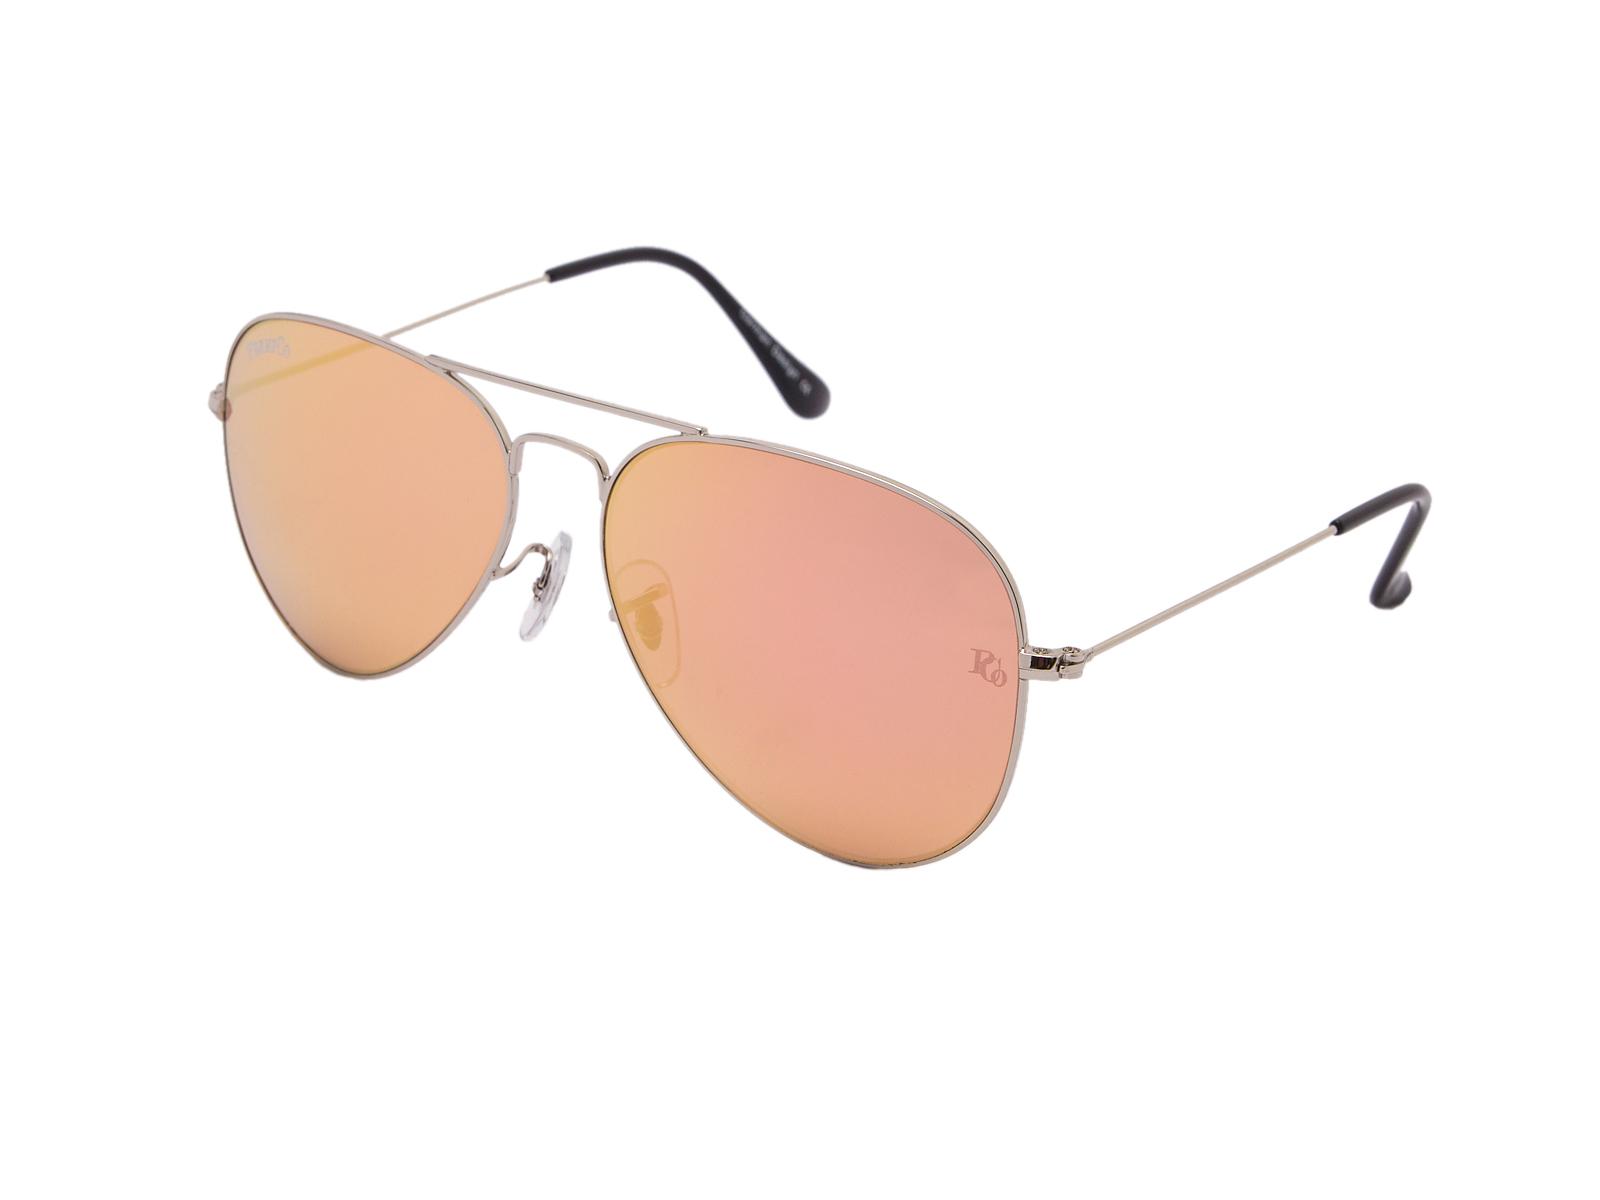 prempco aviator Damen sonnenbrille silber mirror silber gestell (10)